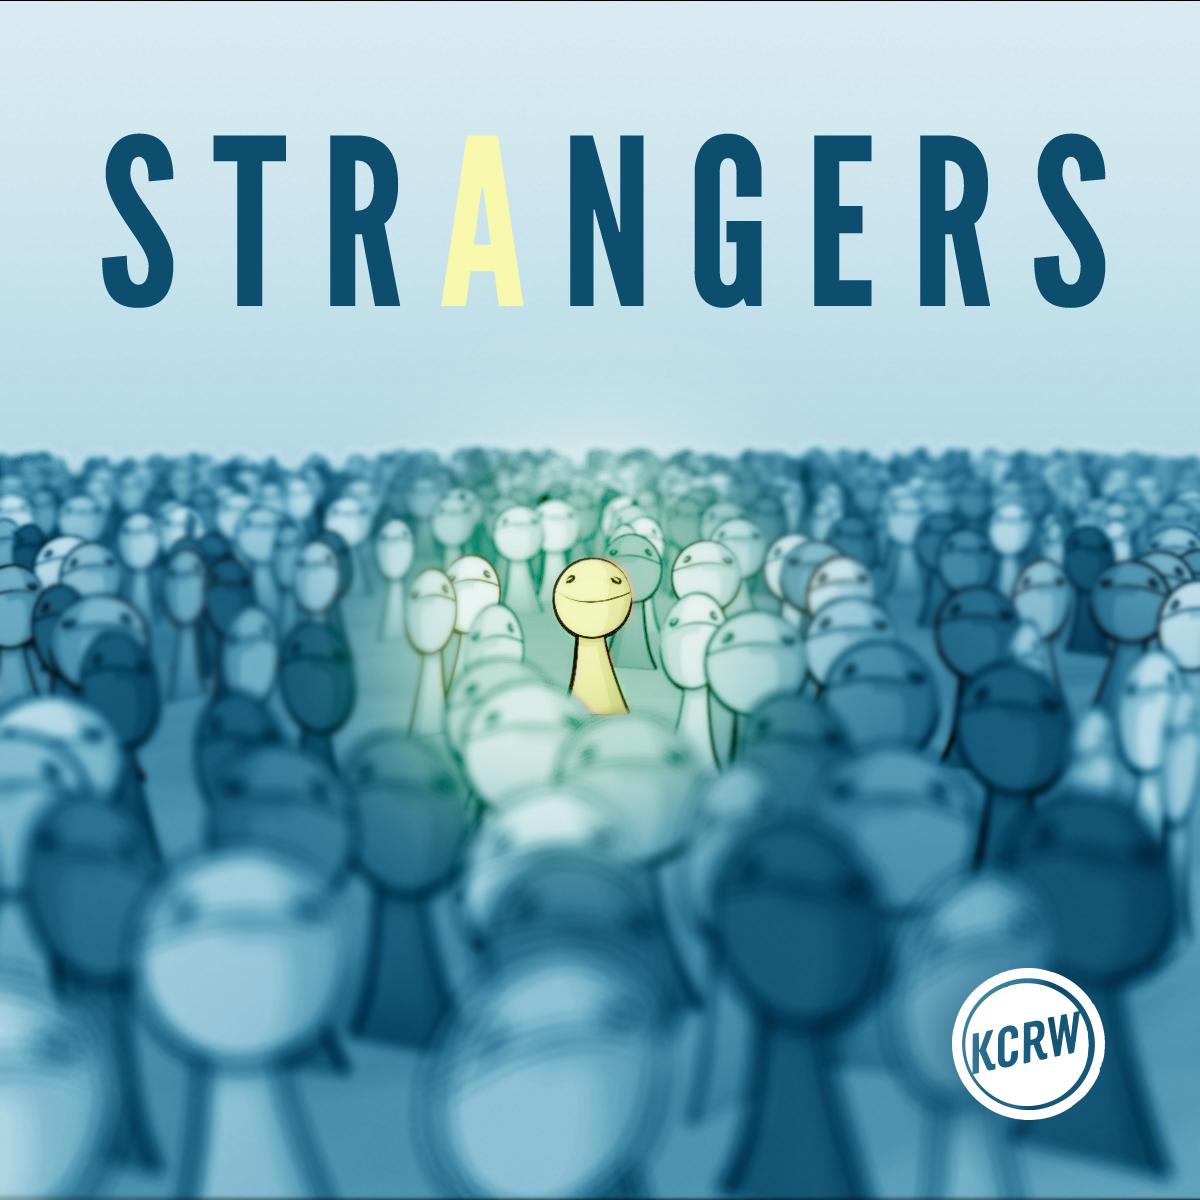 Strangers_logo_KCRW-1.jpg